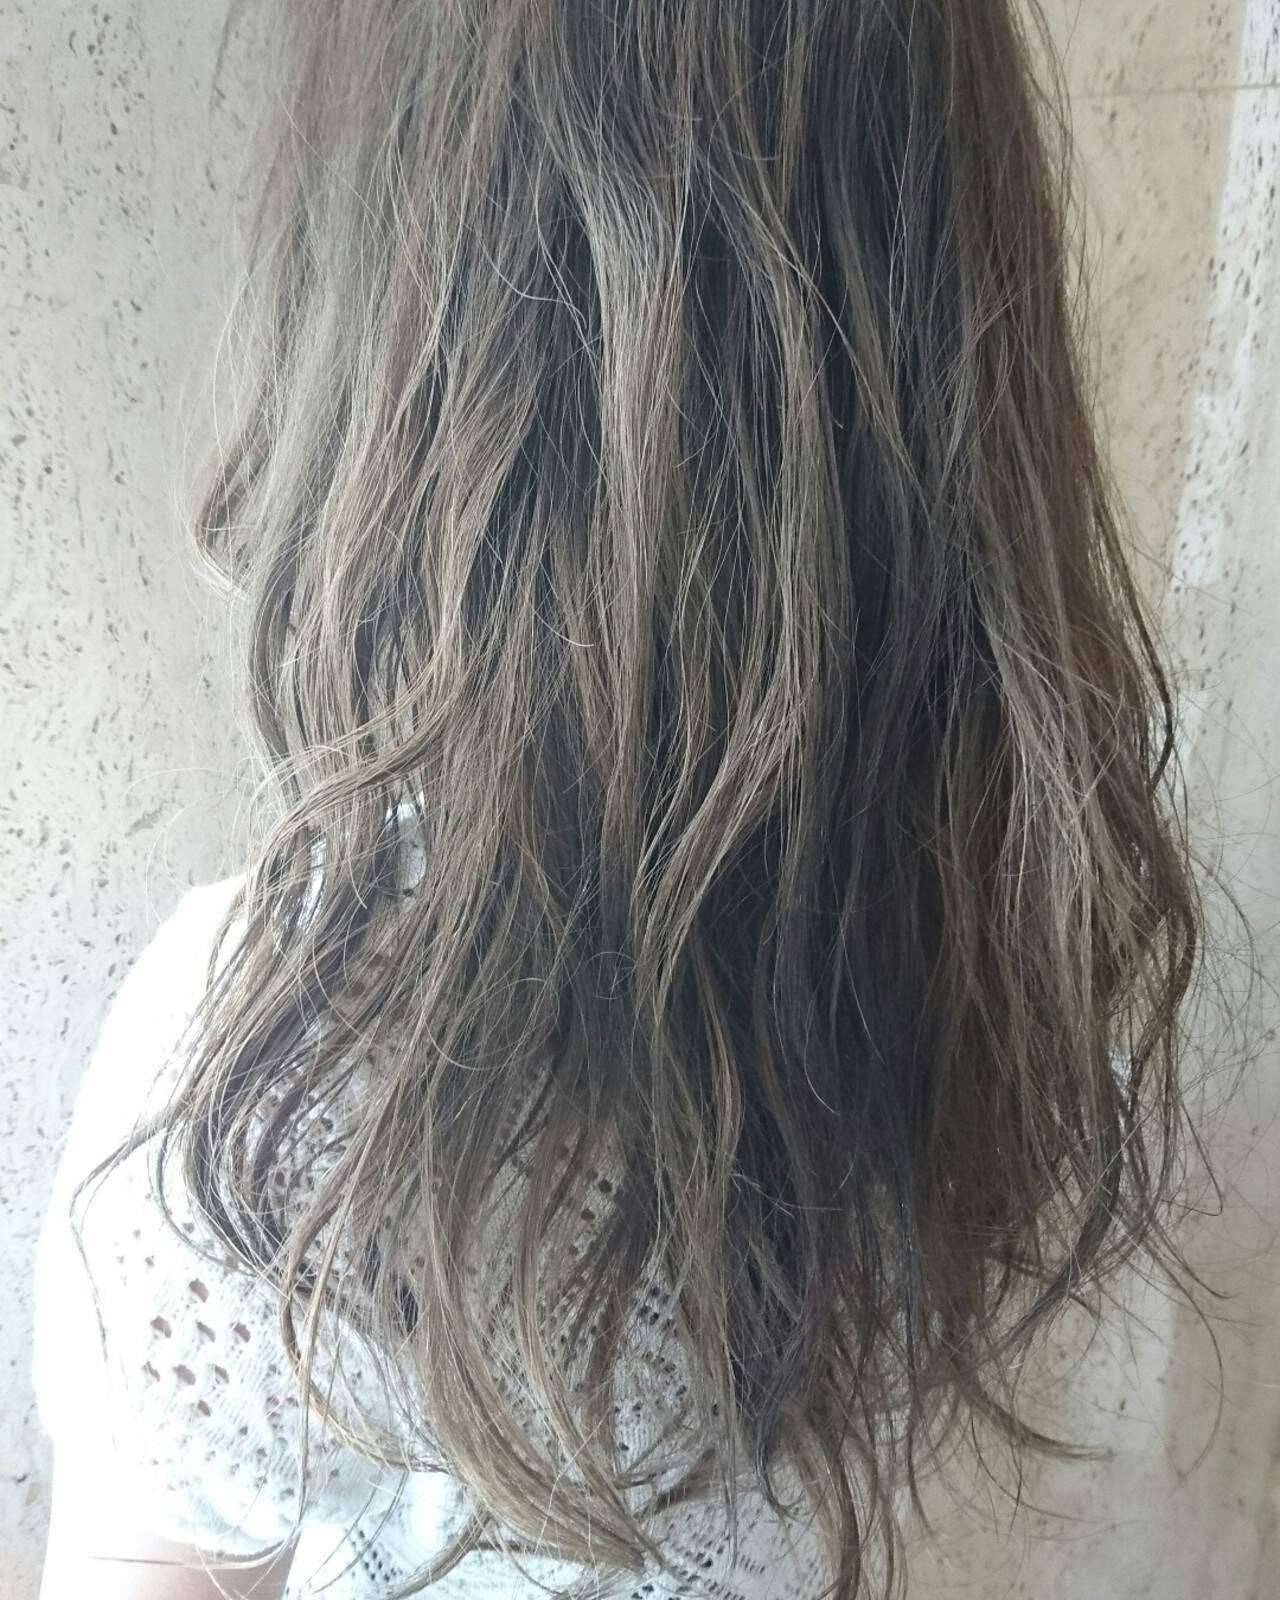 アッシュ セミロング フェミニン ゆるふわヘアスタイルや髪型の写真・画像